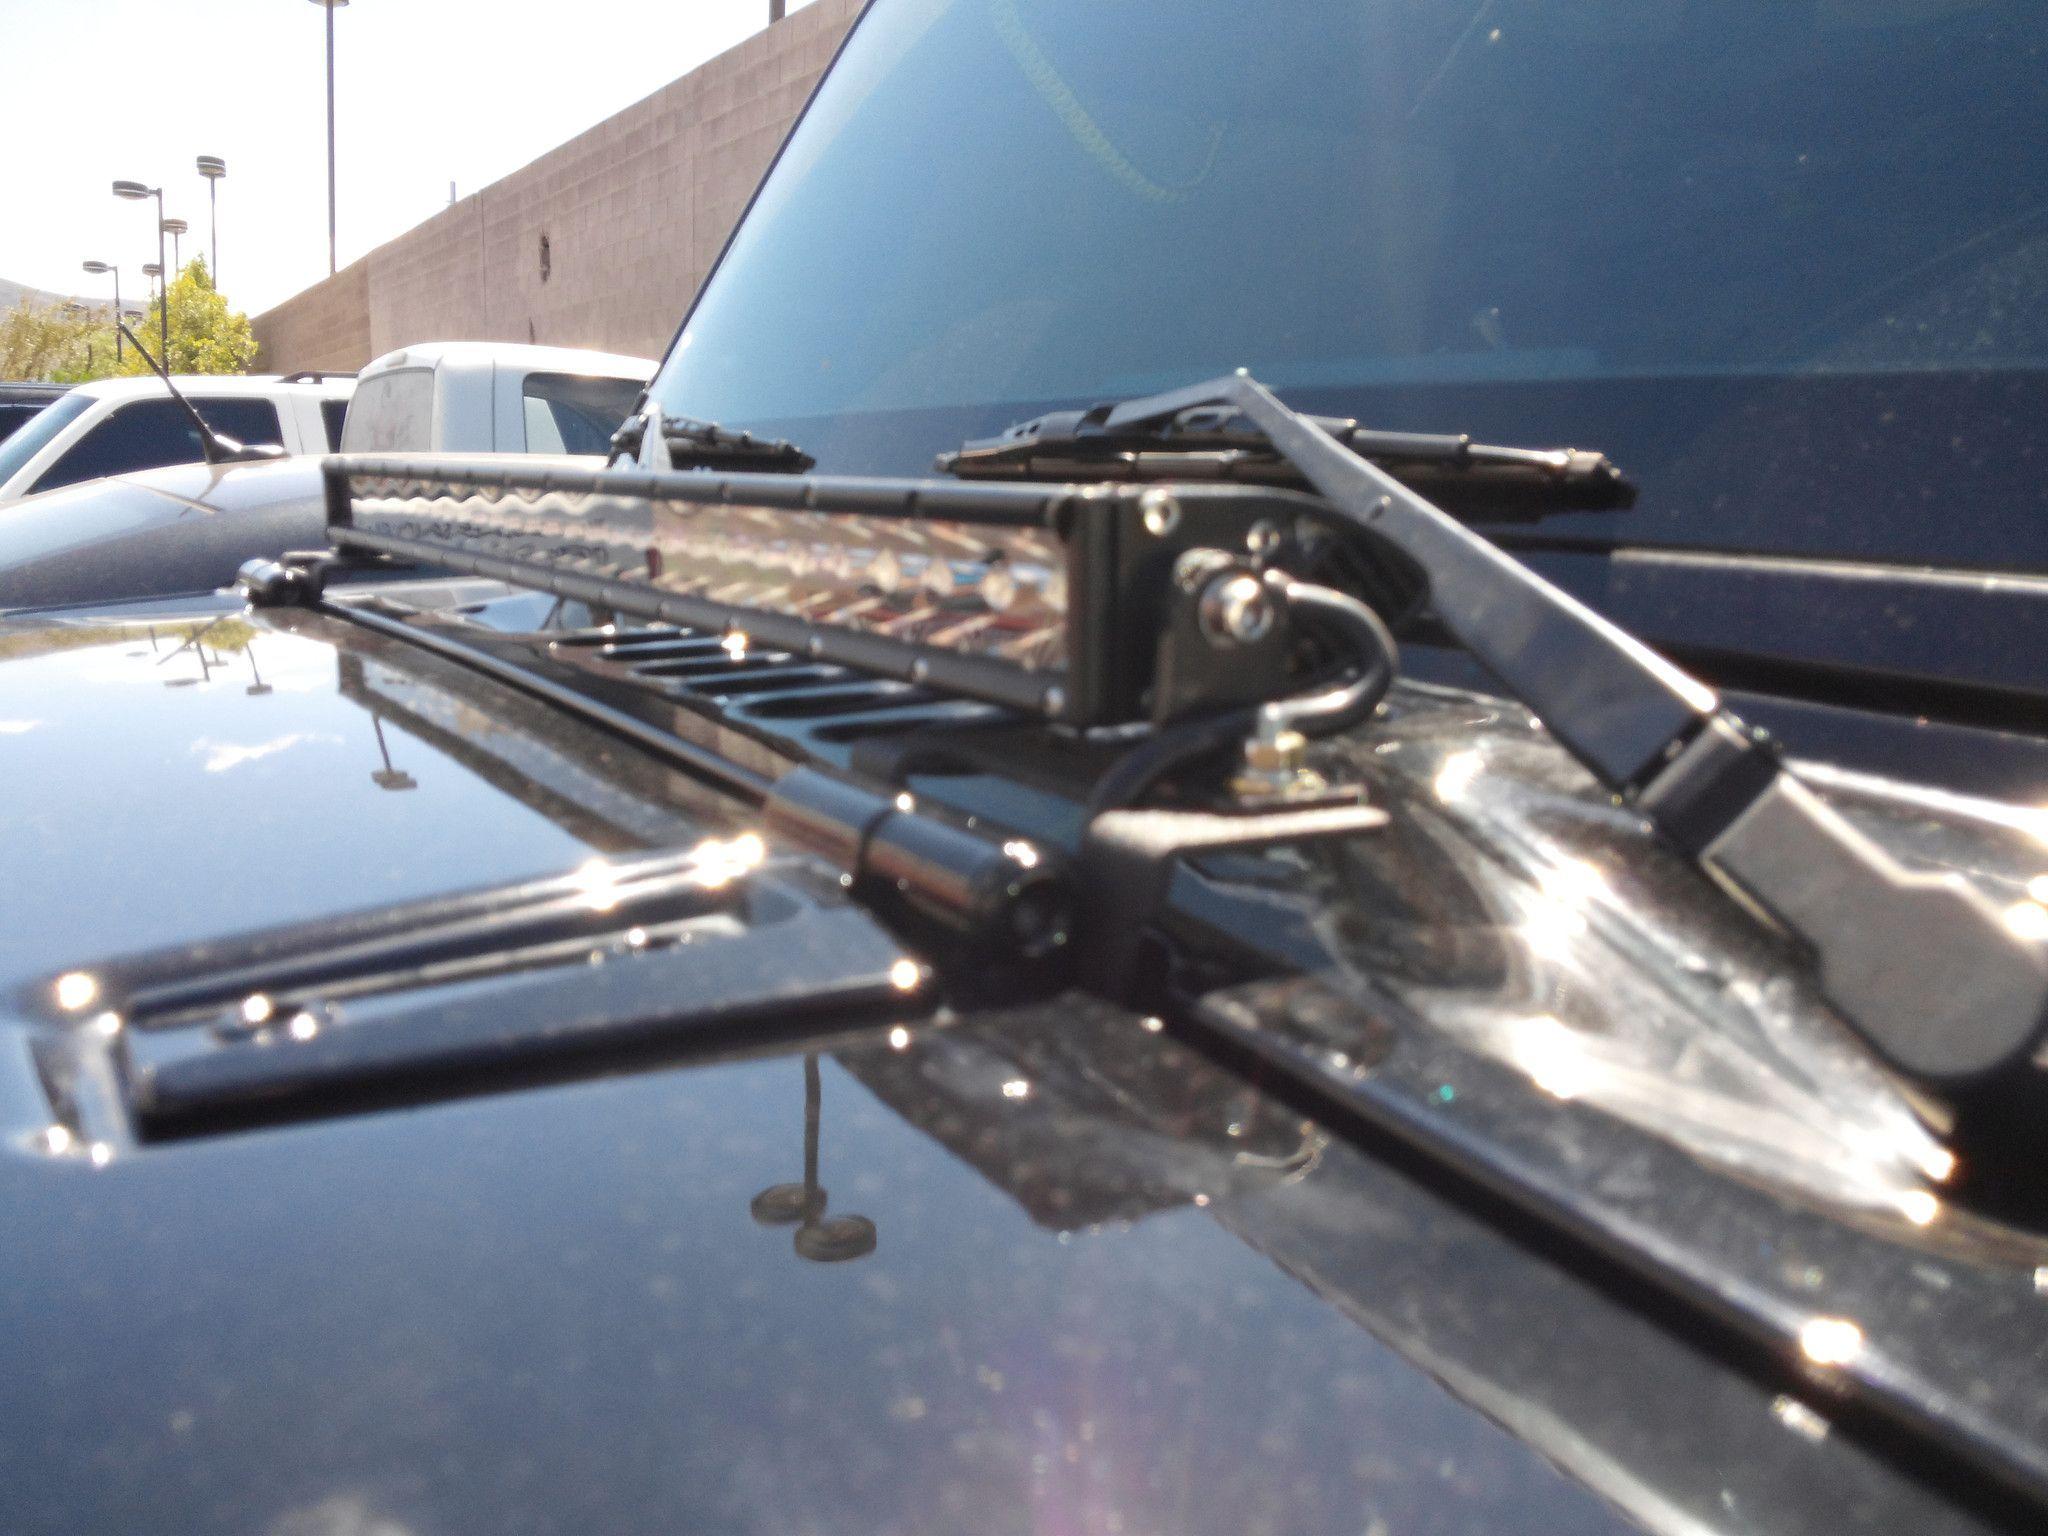 p radius off ford light raptor road lighting bar led for